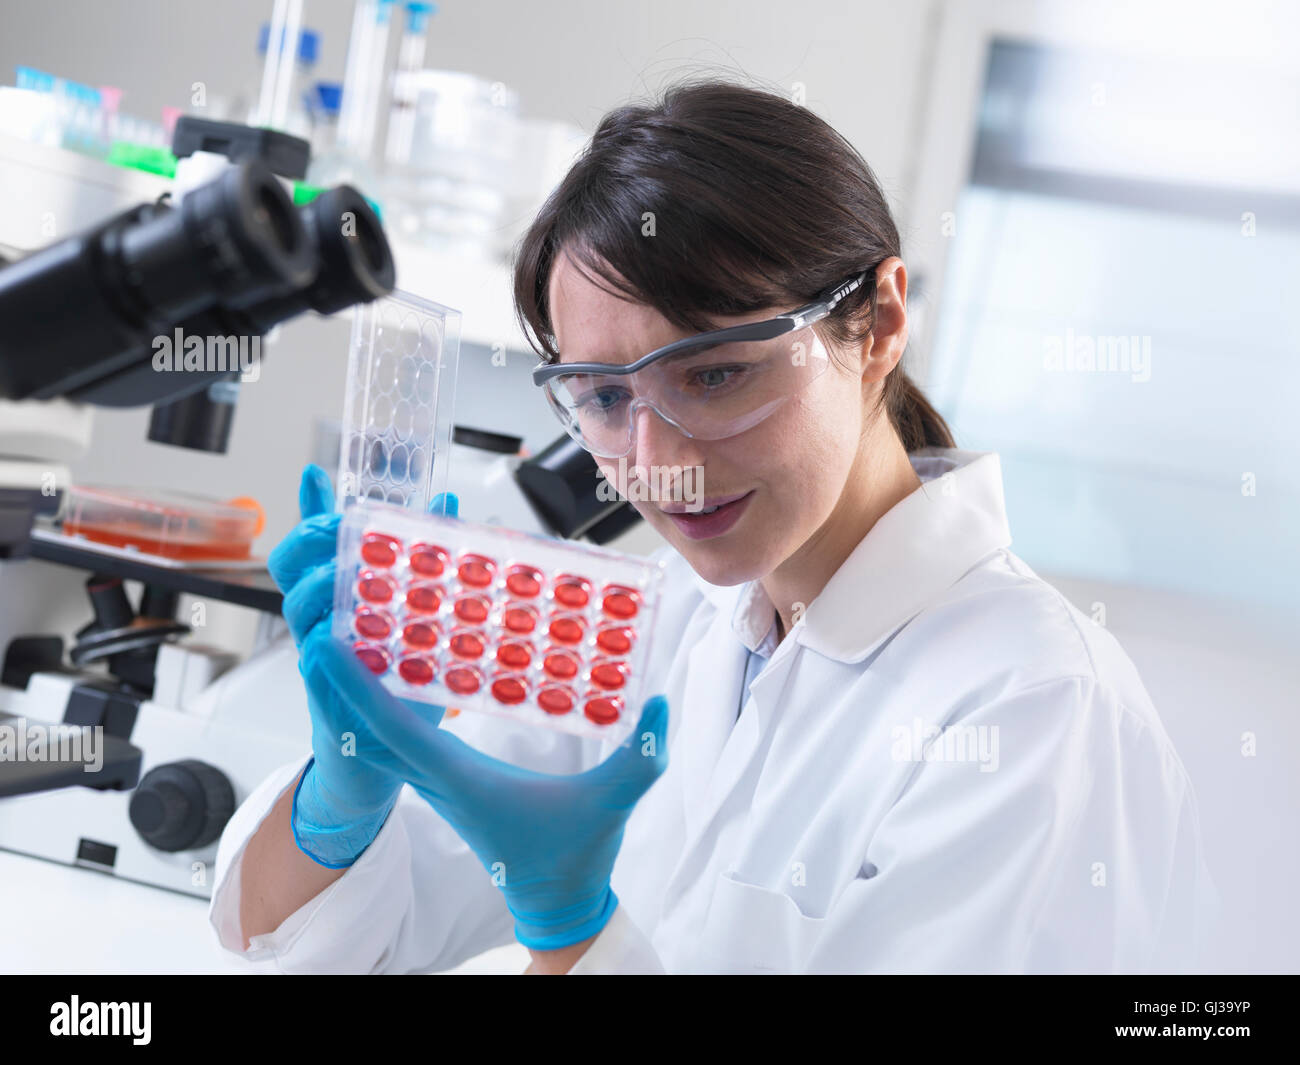 Visualizzazione dello scienziato colture sperimentali in crescita in vassoio multipozzetto in laboratorio Immagini Stock